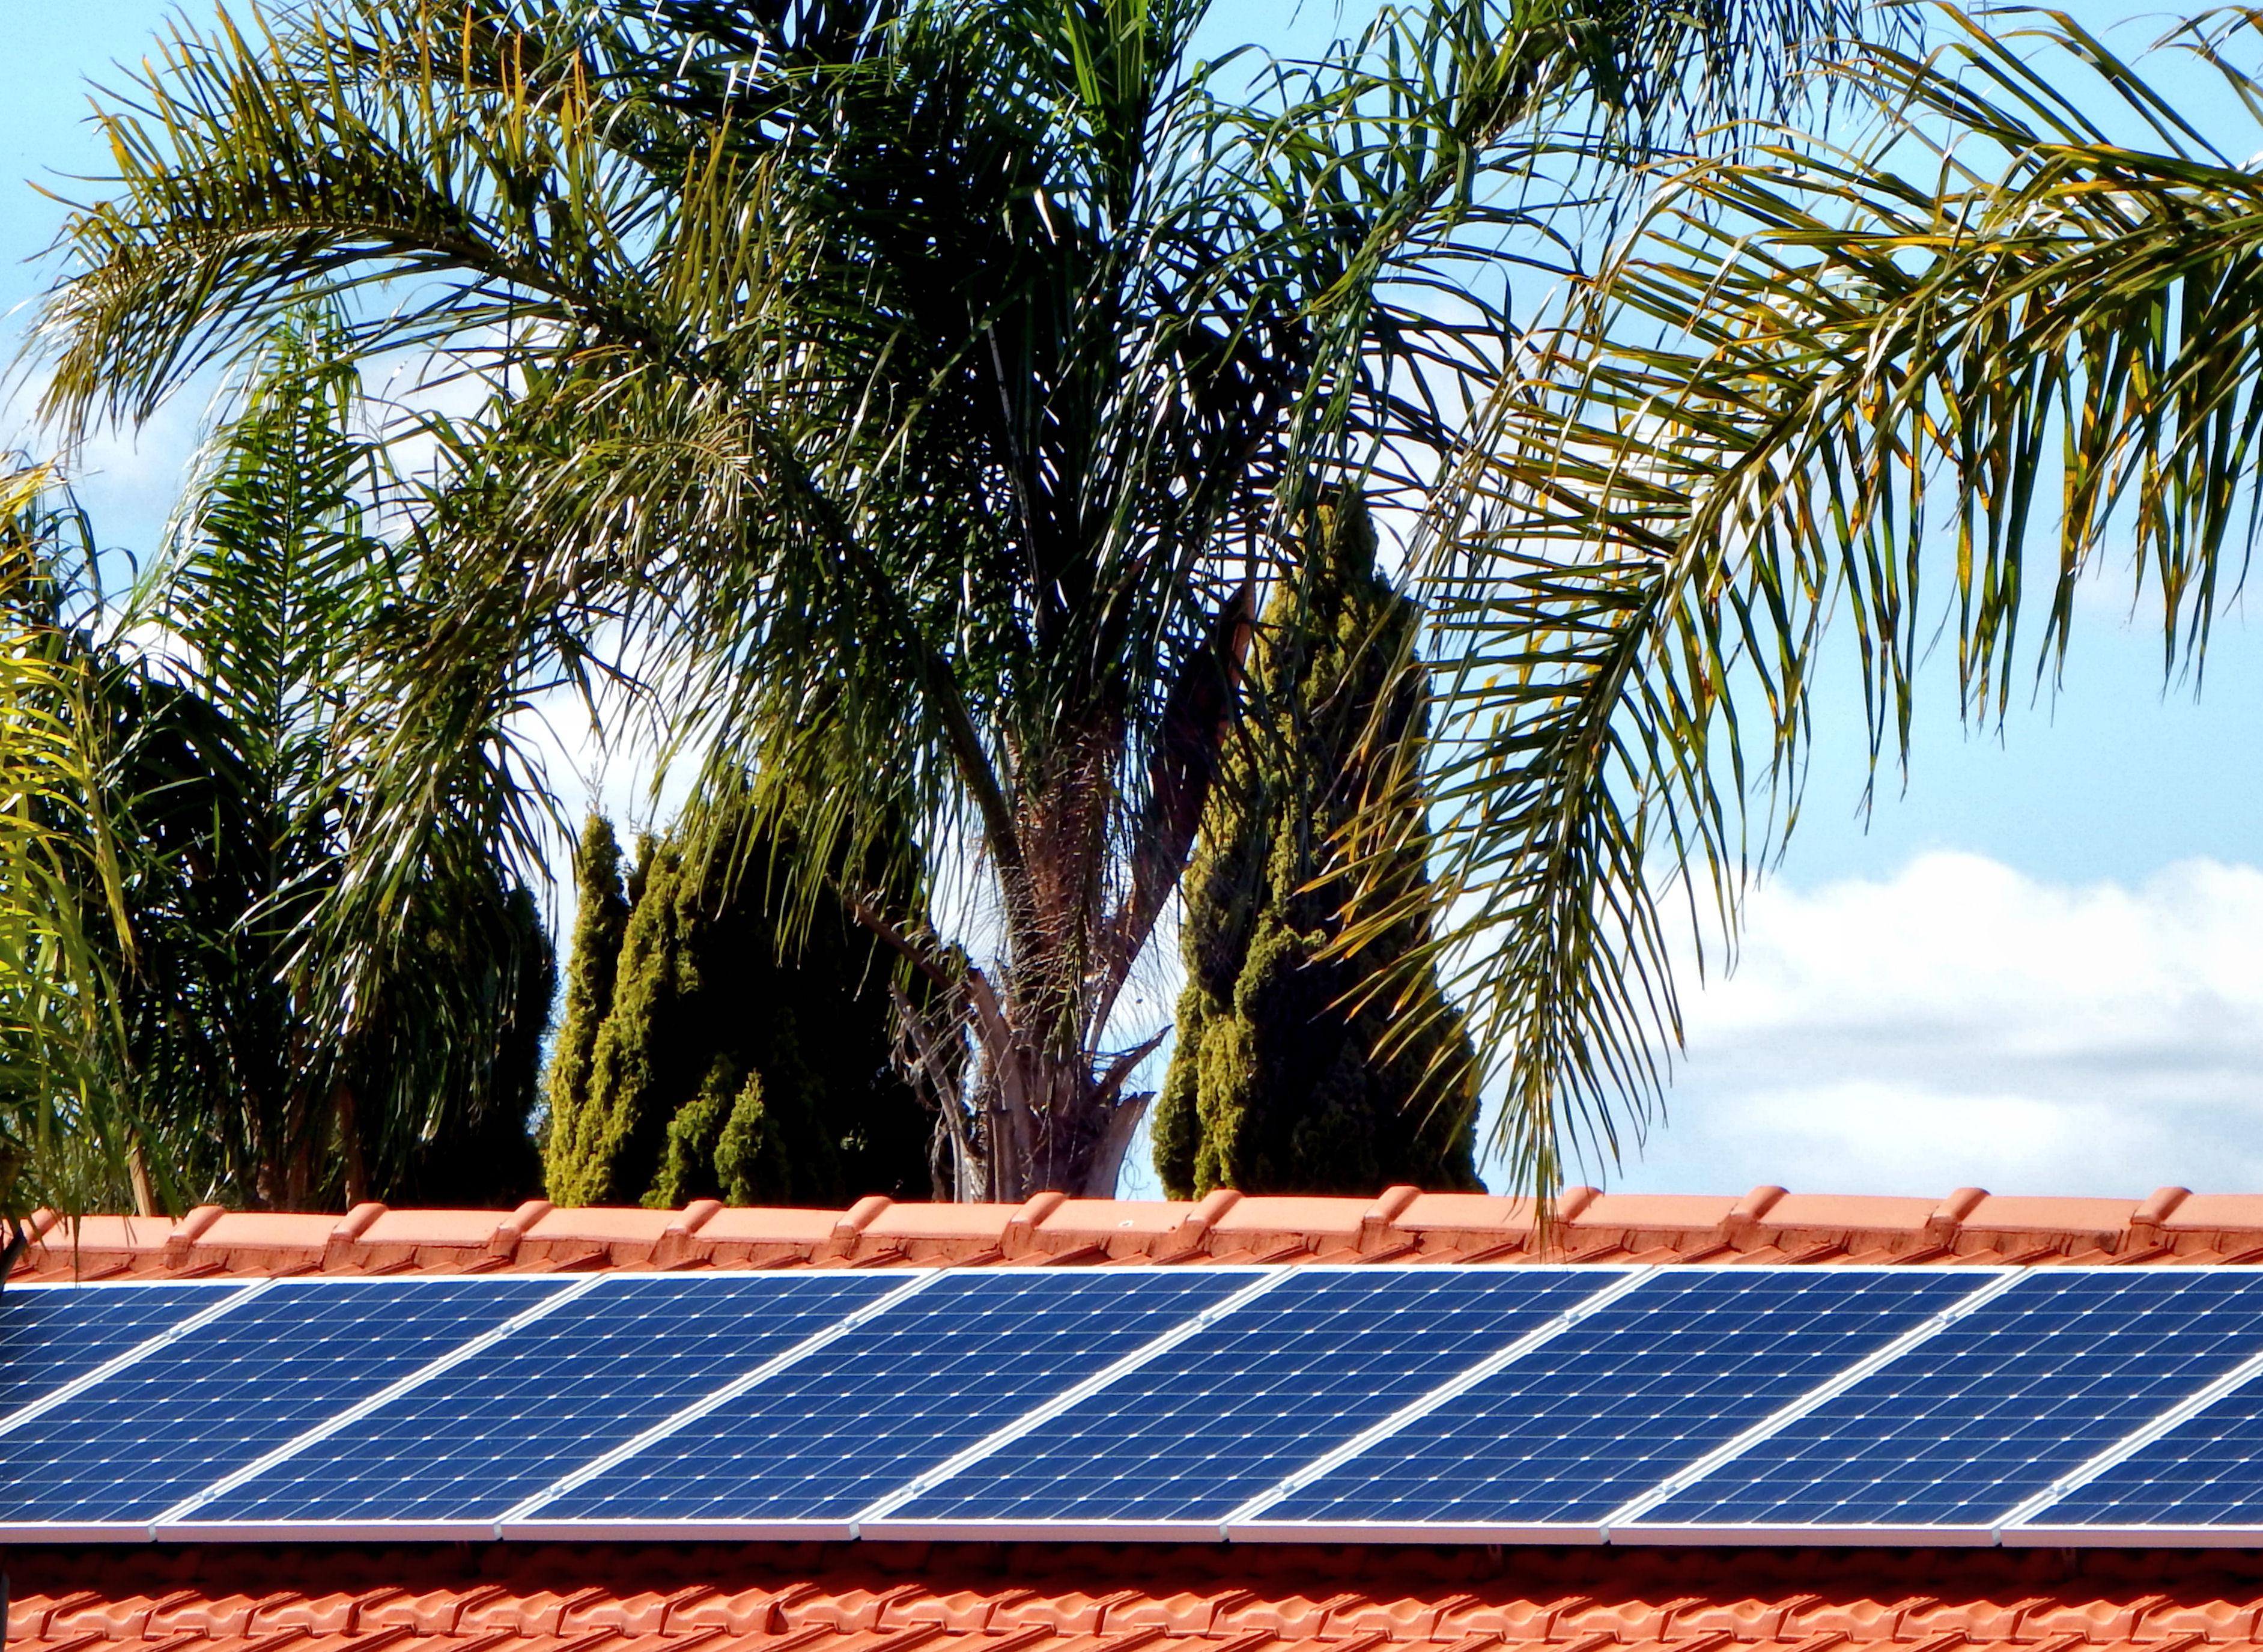 Estructura solar zona de sol